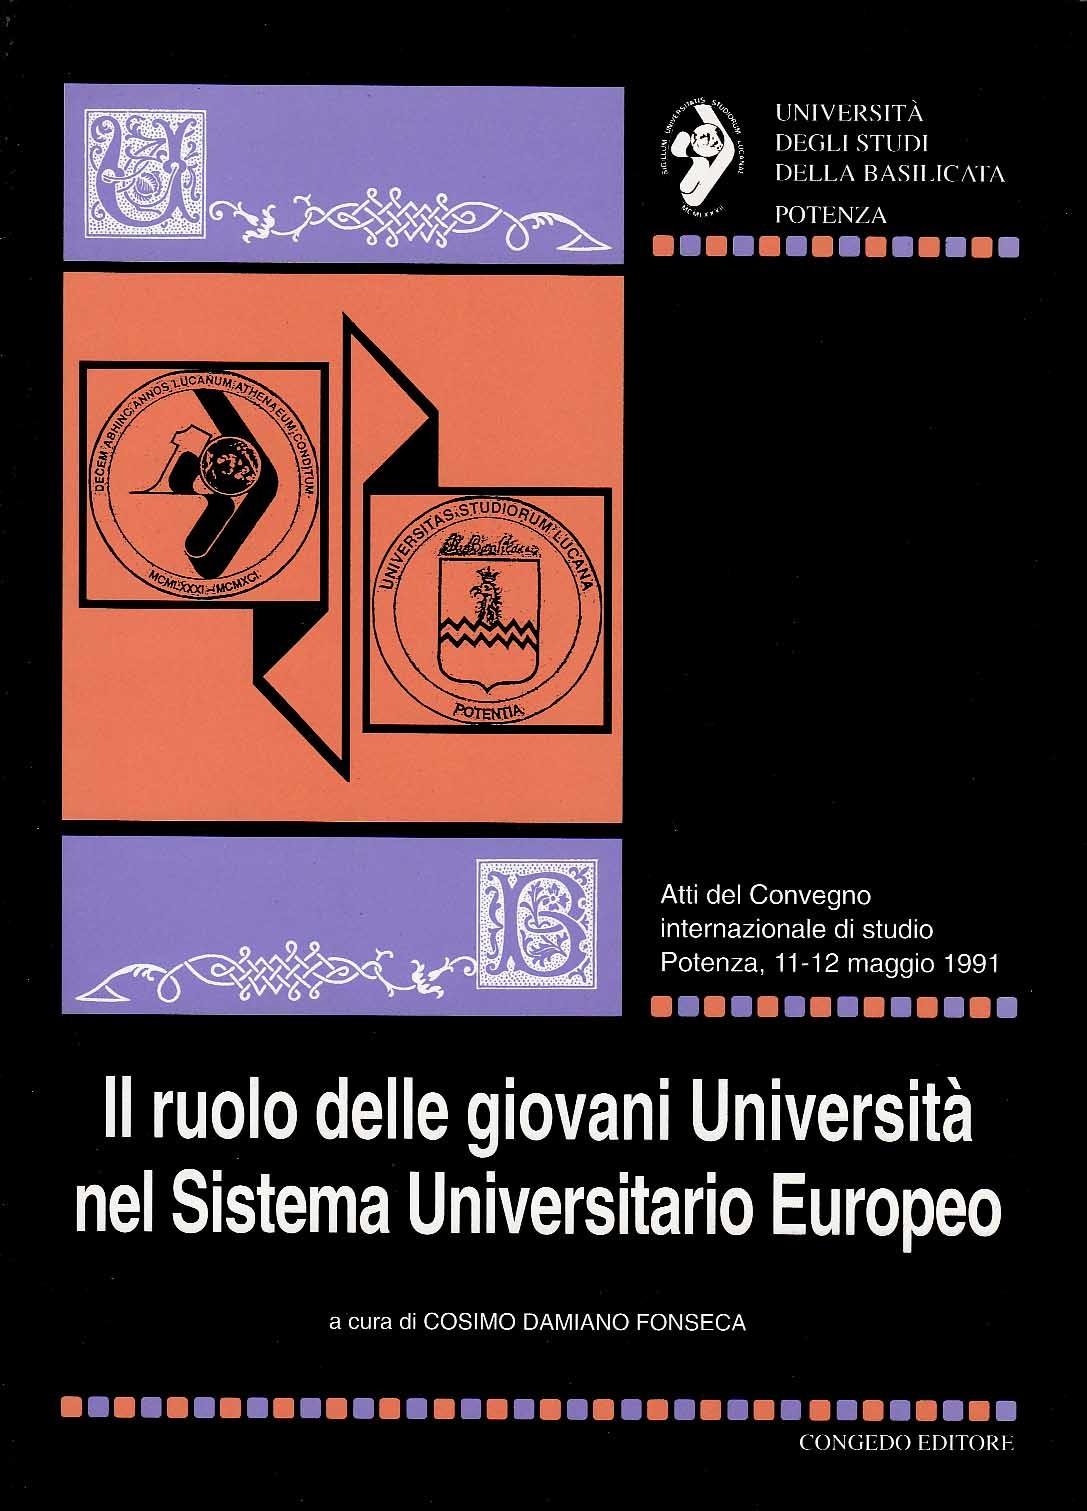 Il ruolo delle giovani Università nel Sistema Universitario Europeo. Atti e Memorie 14